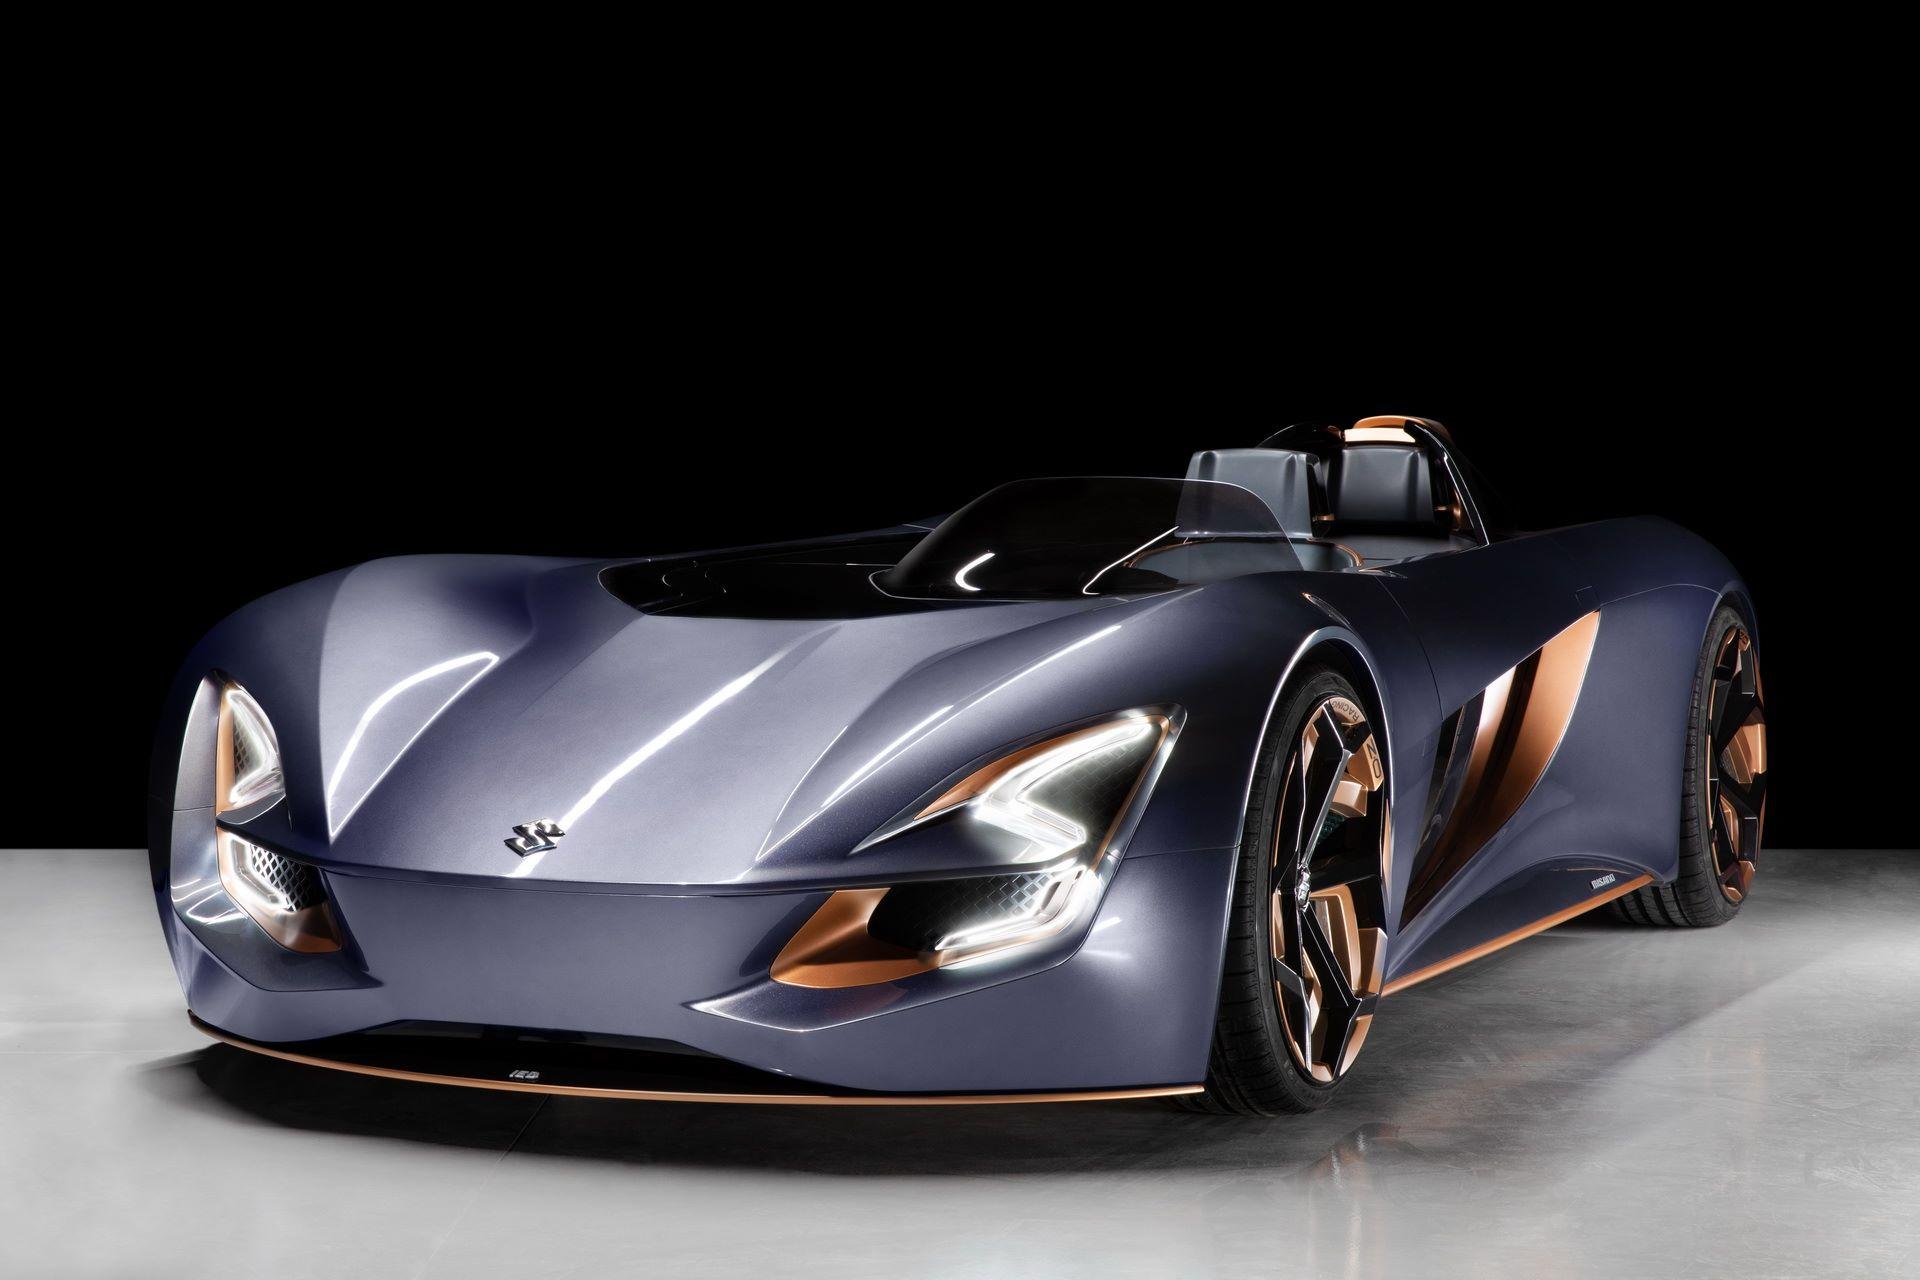 Suzuki-Misano-Concept-IED-10